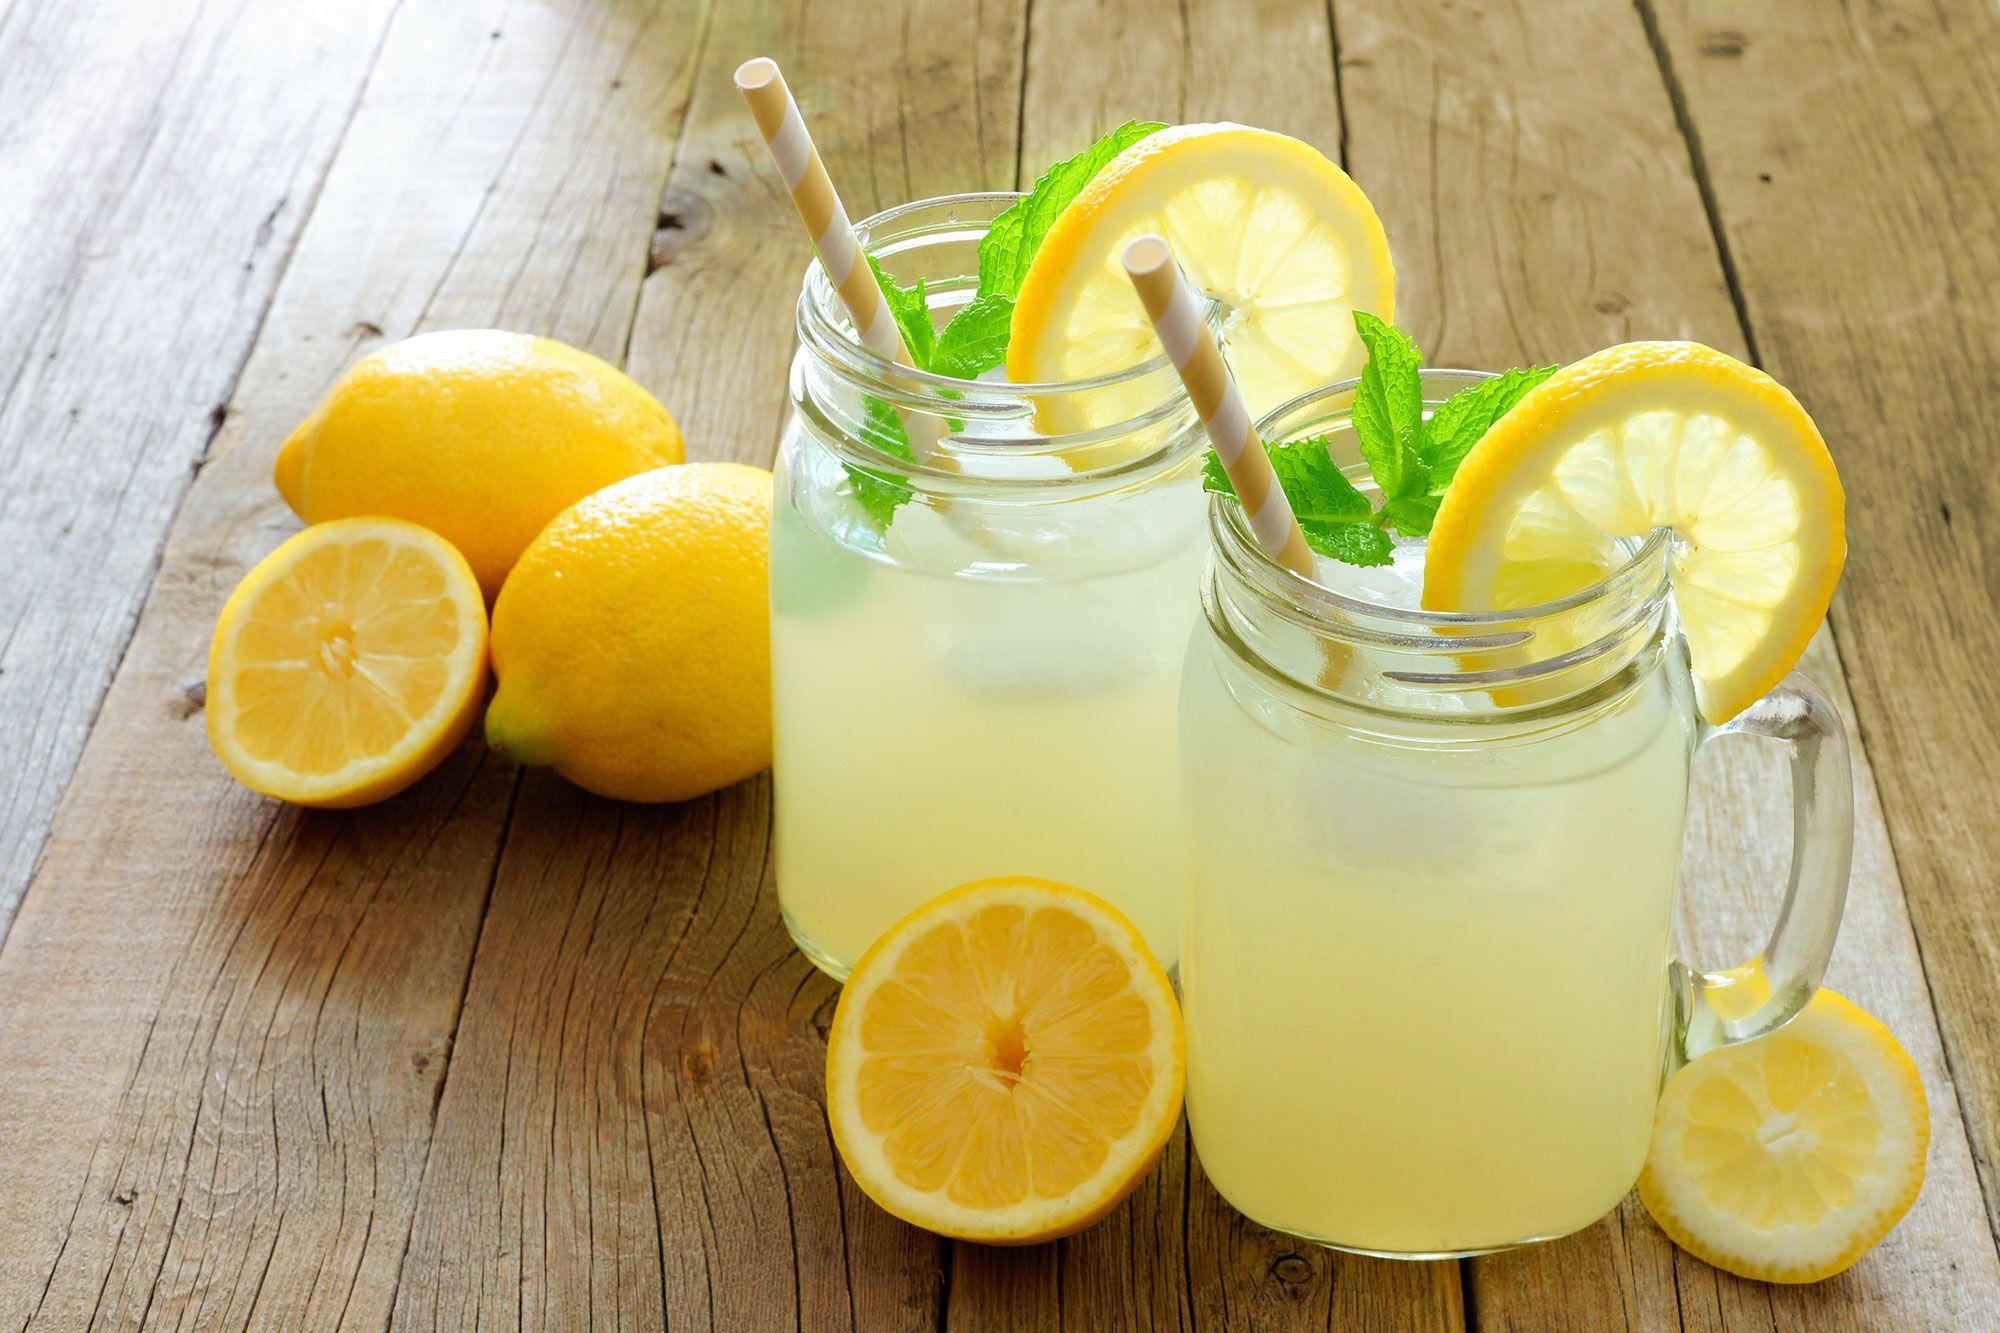 resaca limonada